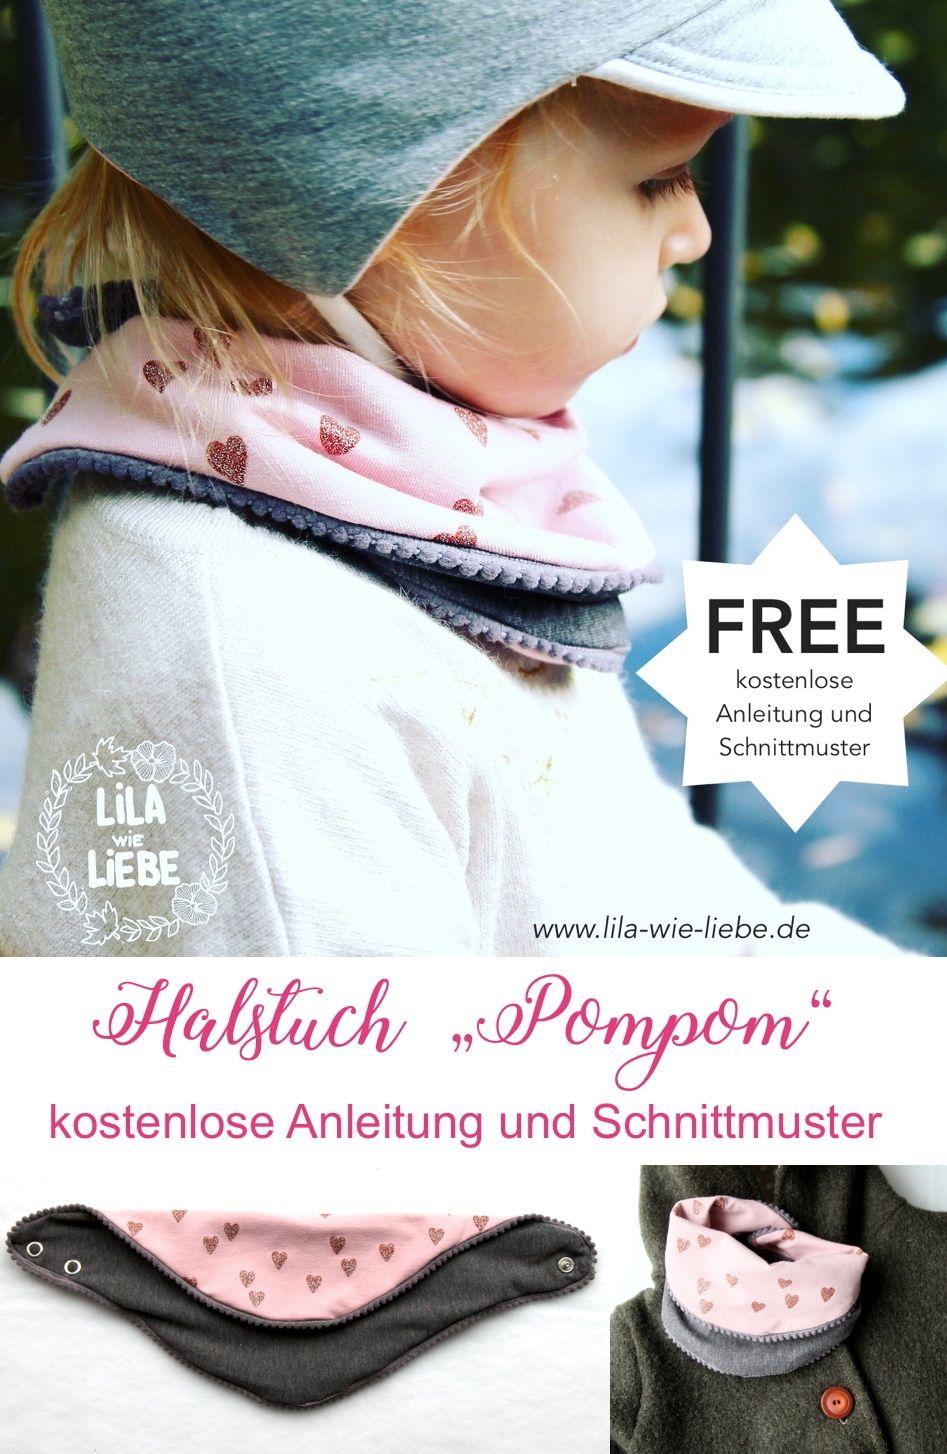 Halstuch POMPOM - für Kinder - kostenlose Anleitung und Schnittmuster #ponchos